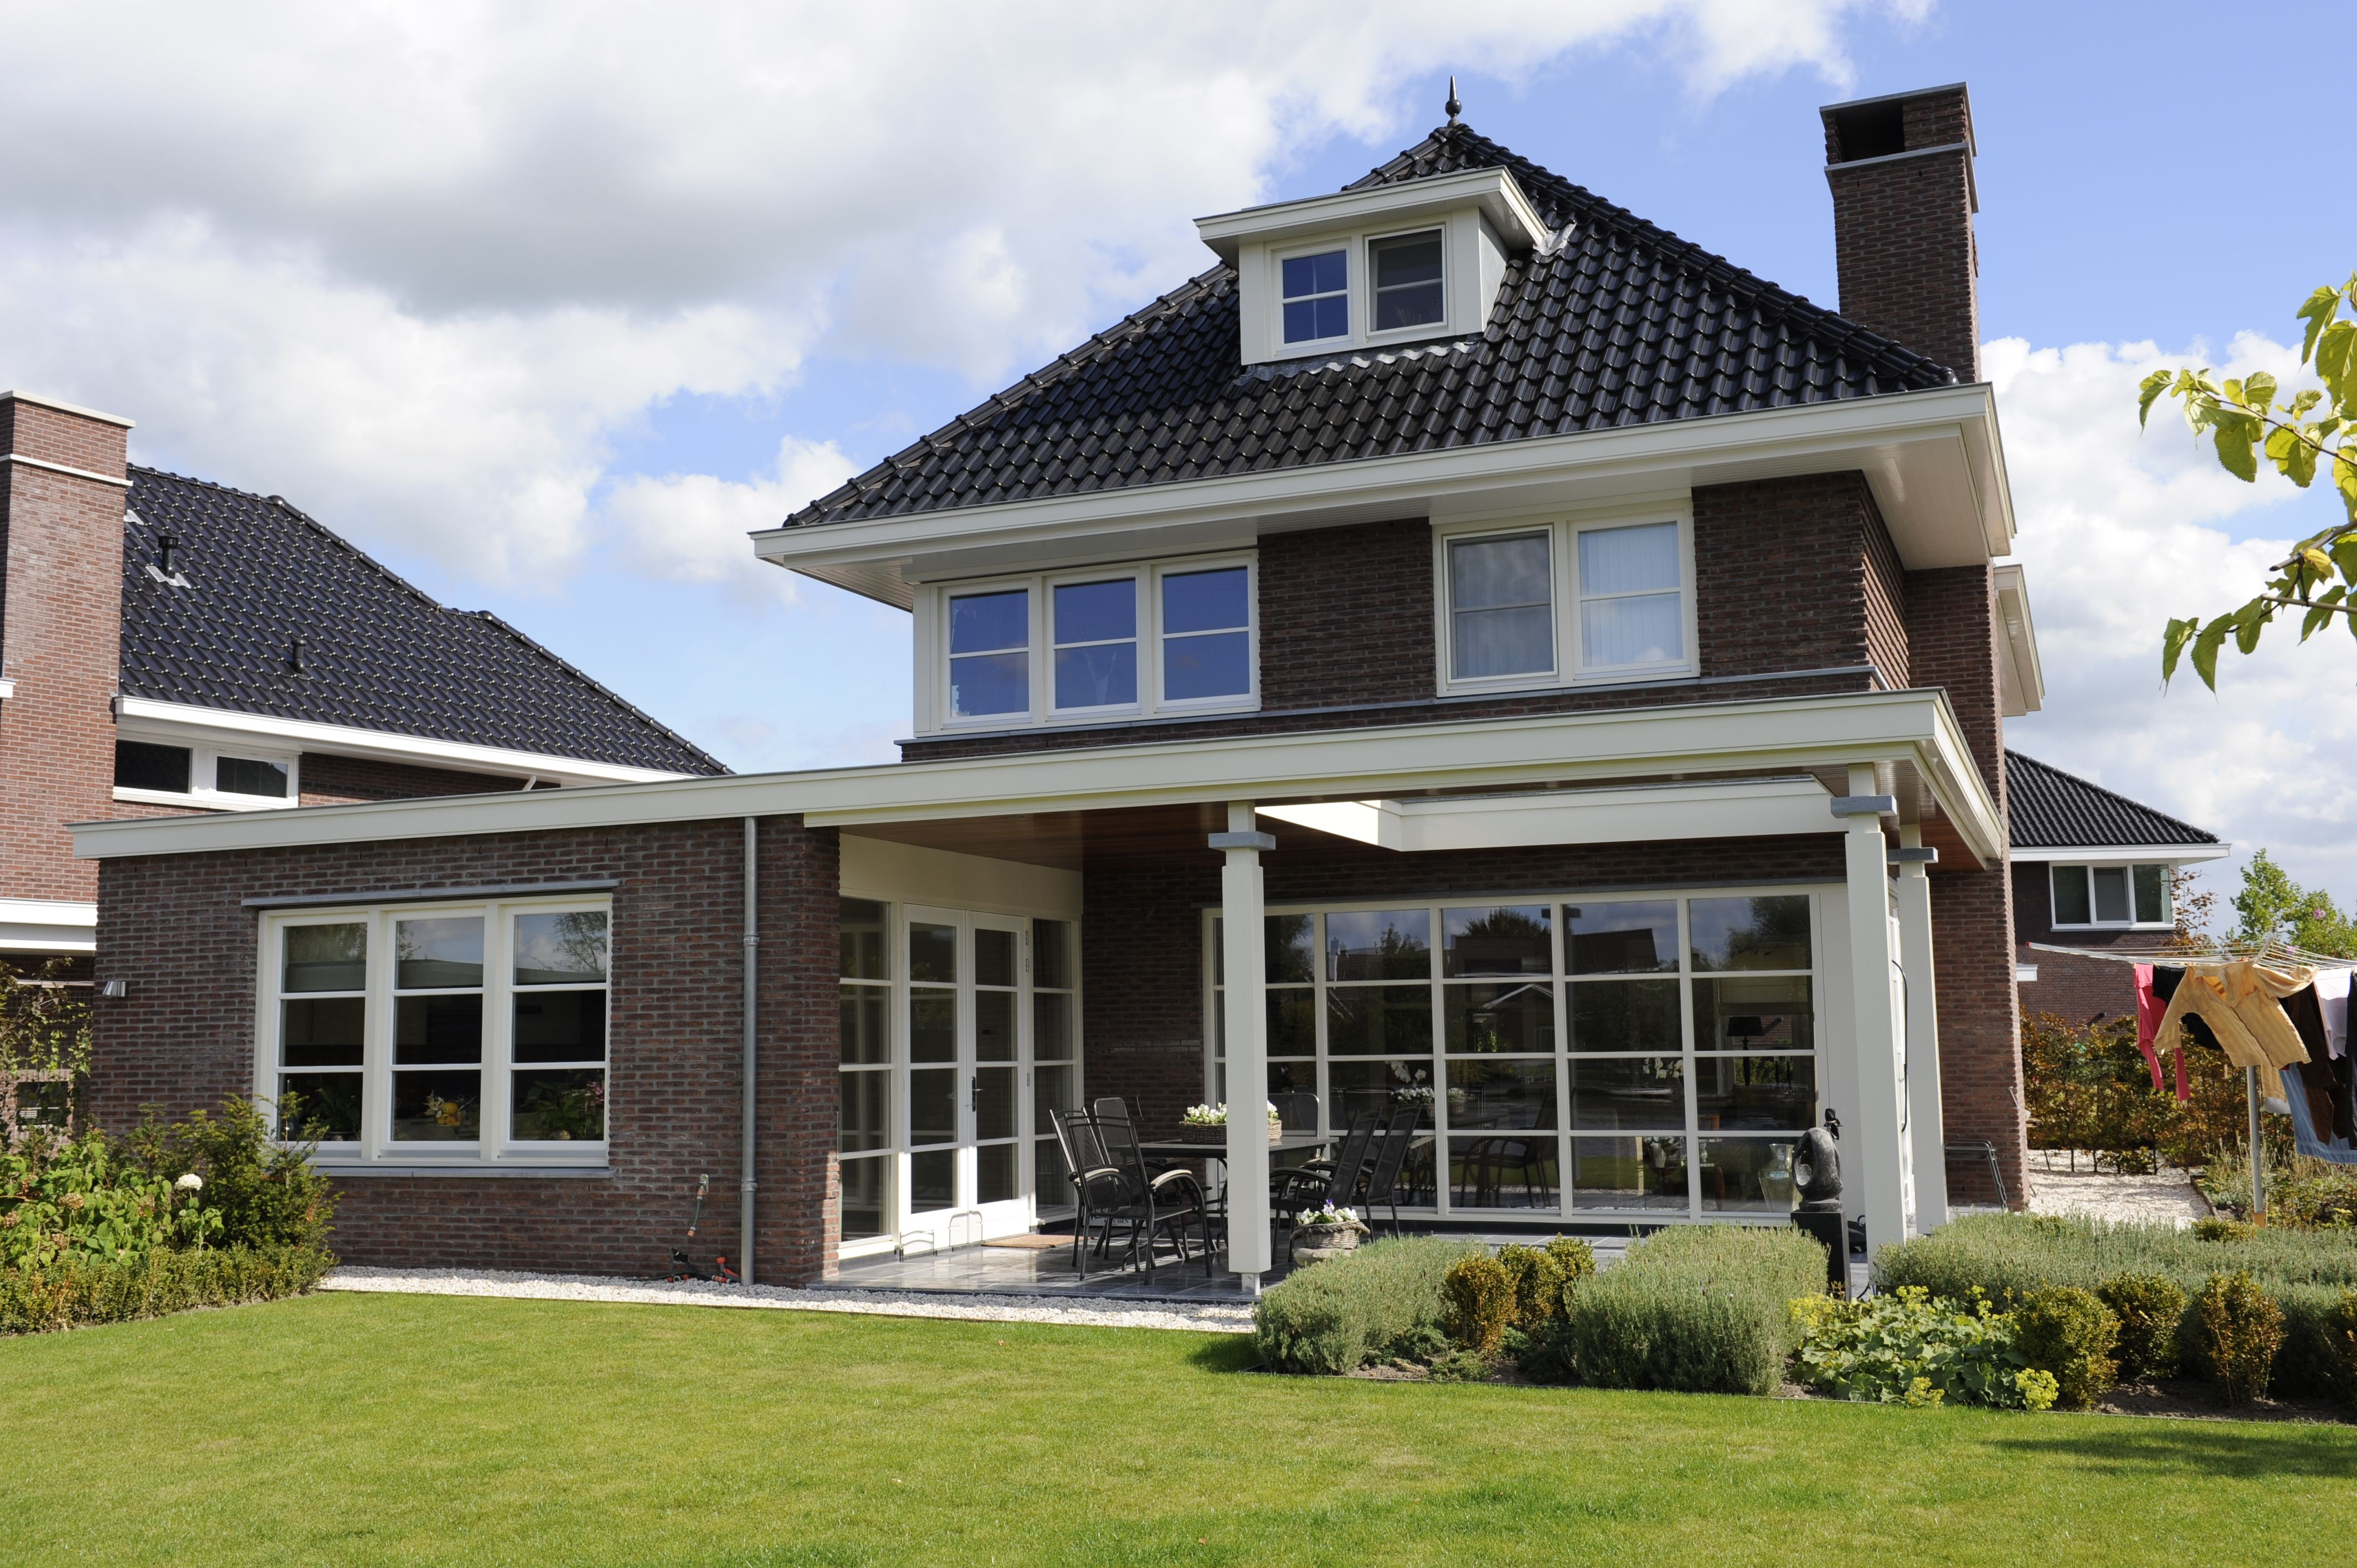 Jaren 30 woning met veranda en aangebouwde woonruimte gerealiseerde woningen pinterest - Huis met veranda binnenkomst ...